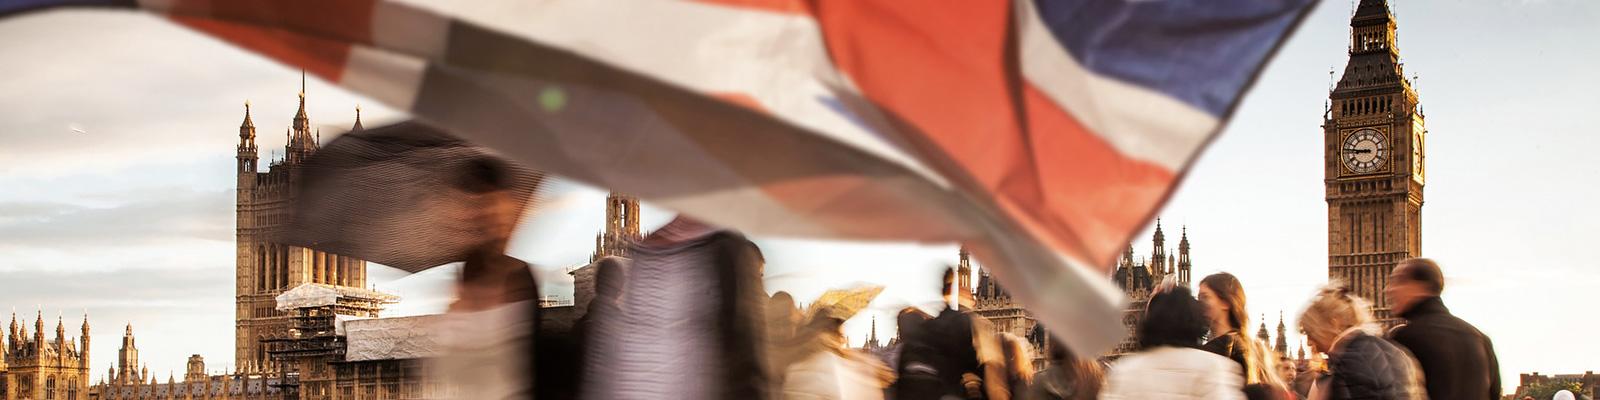 イギリス 政治 国旗 プライバシー イメージ